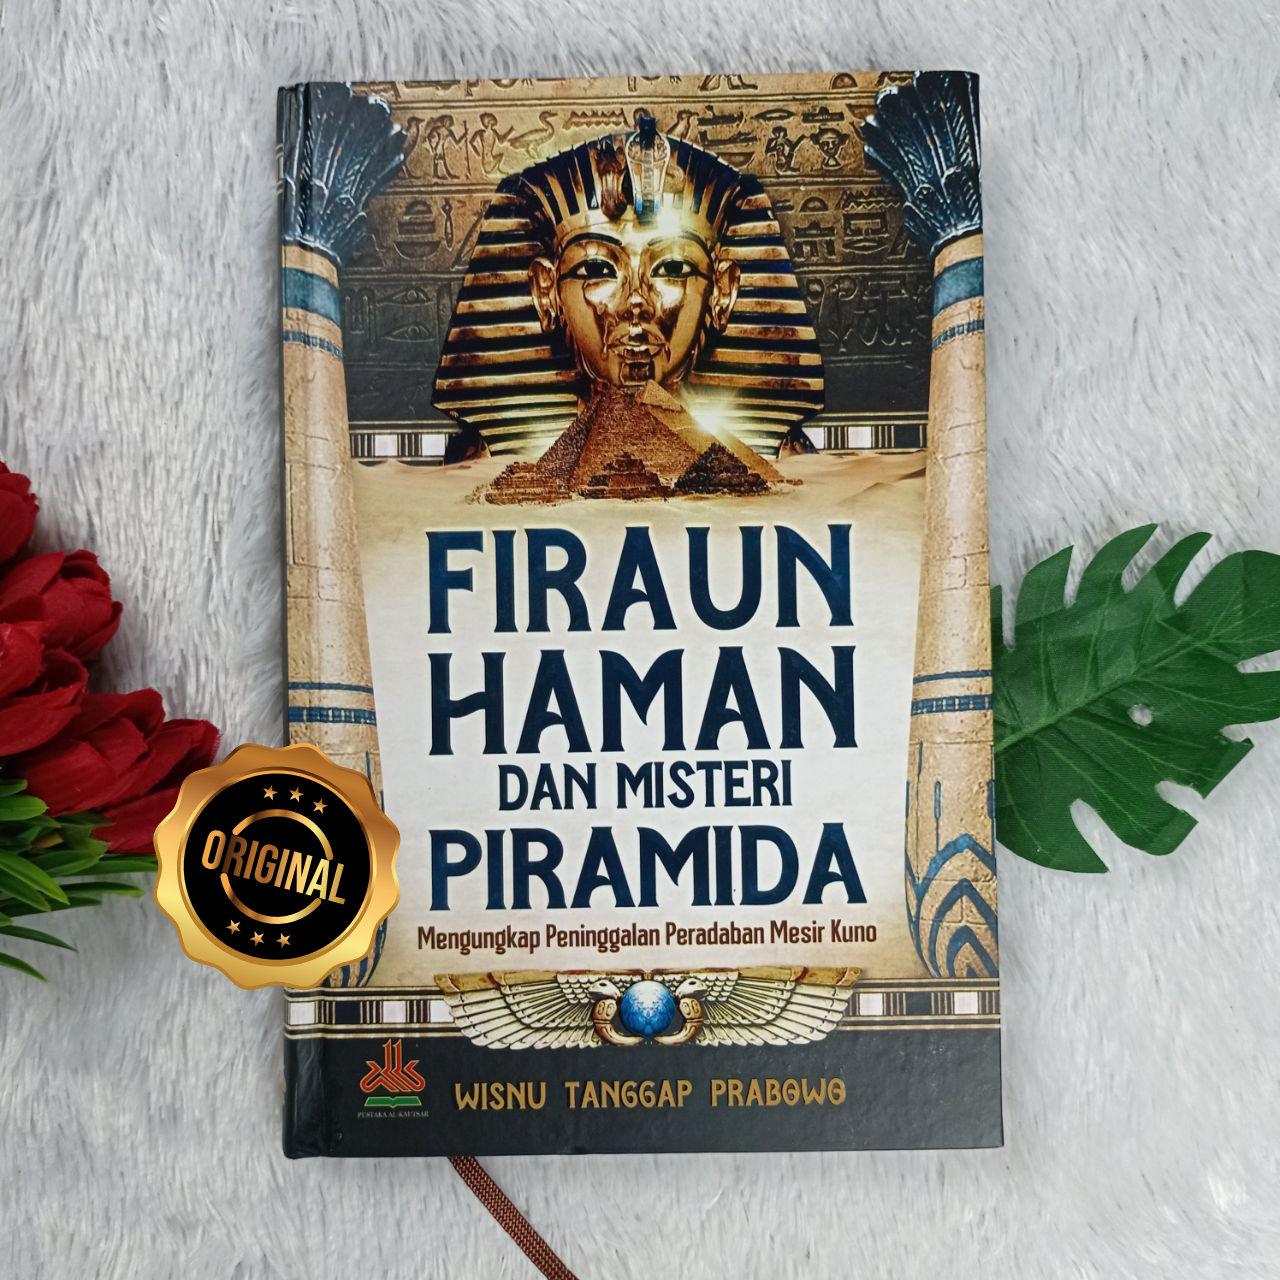 Buku Firaun Haman Dan Misteri Piramida Peninggalan Mesir Kuno